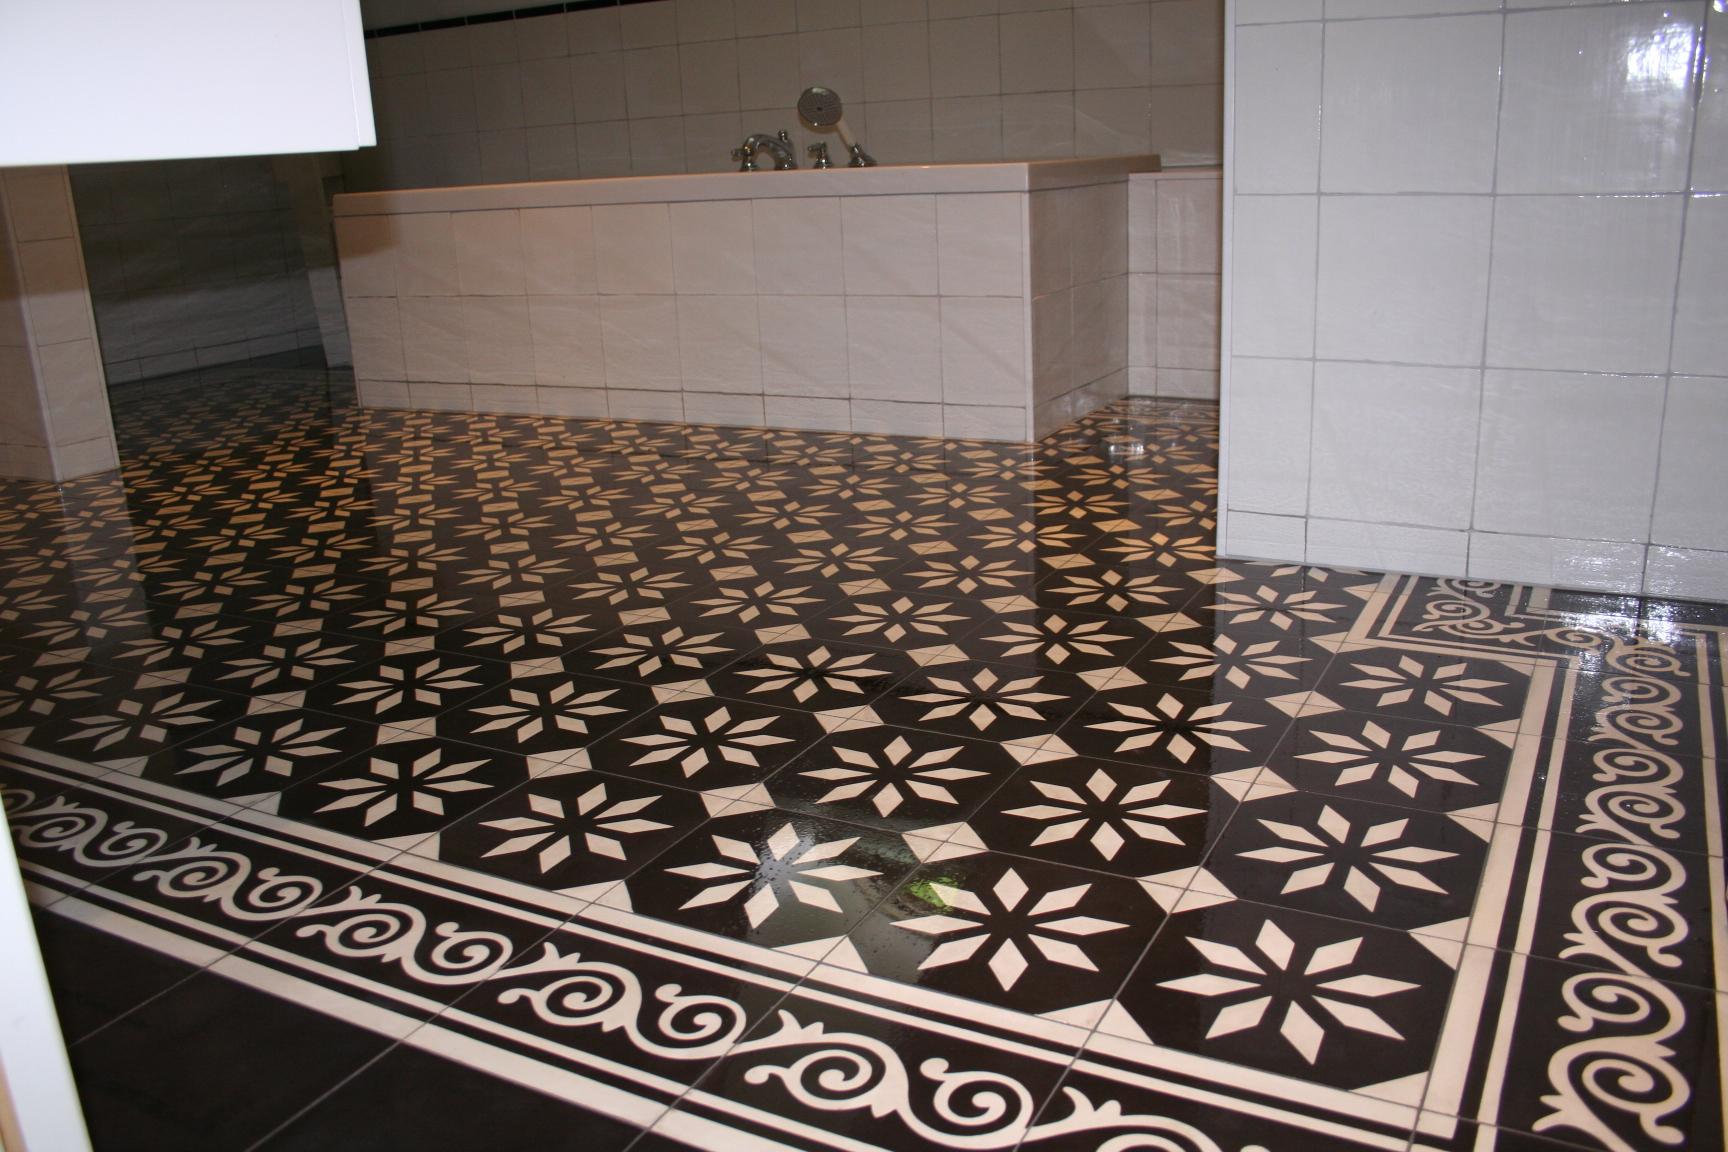 Castelo vloertegels in badkamer zwart-wit 20x20